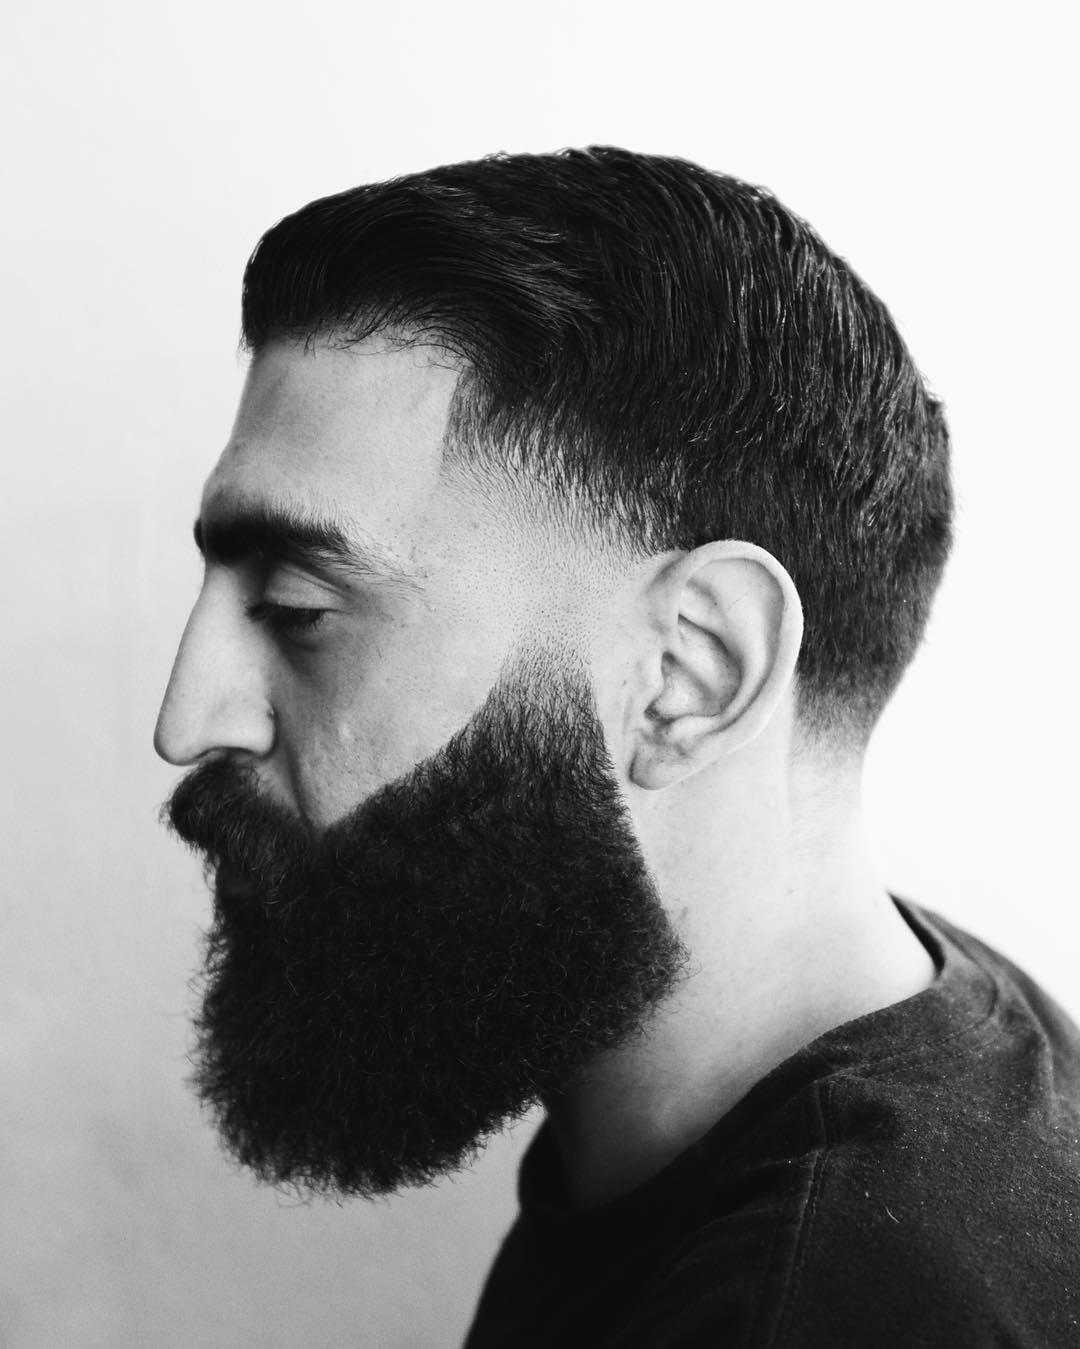 James Harden beard style